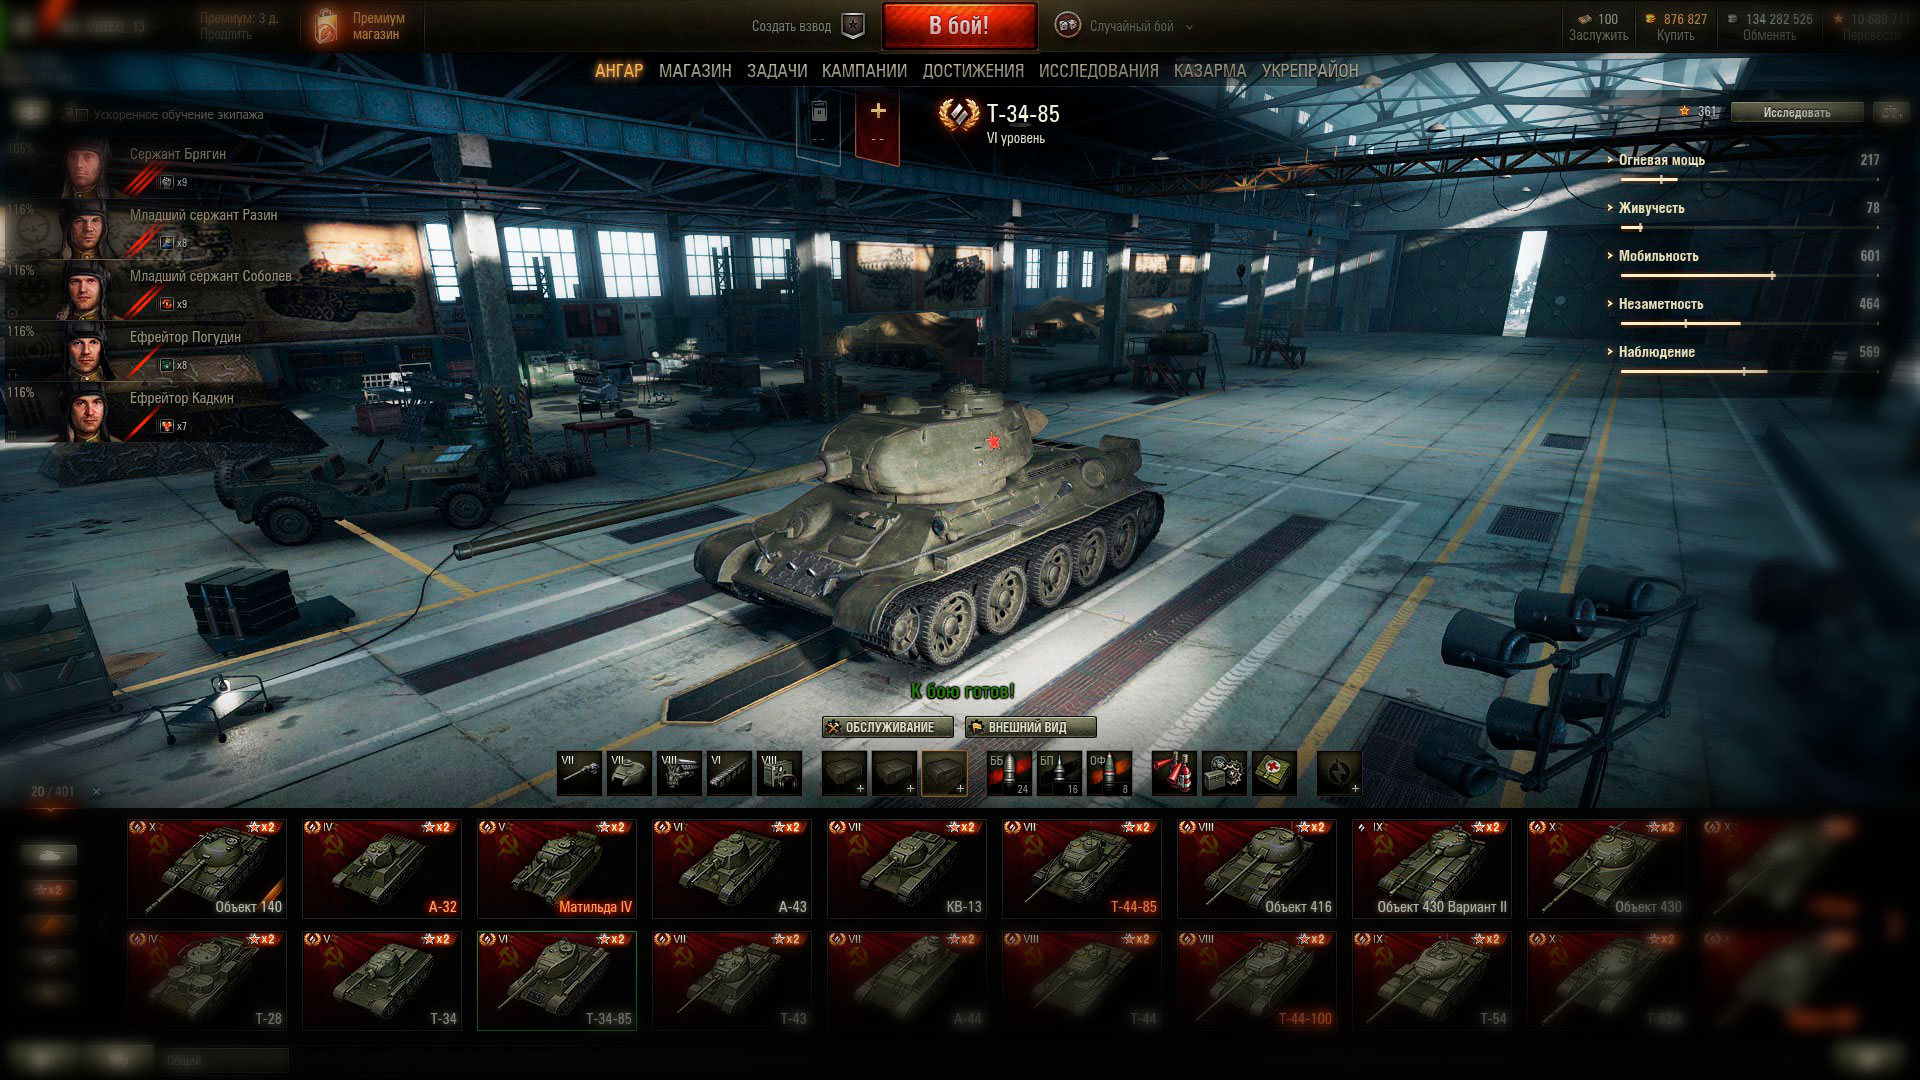 Бесплатная танковый симулятор